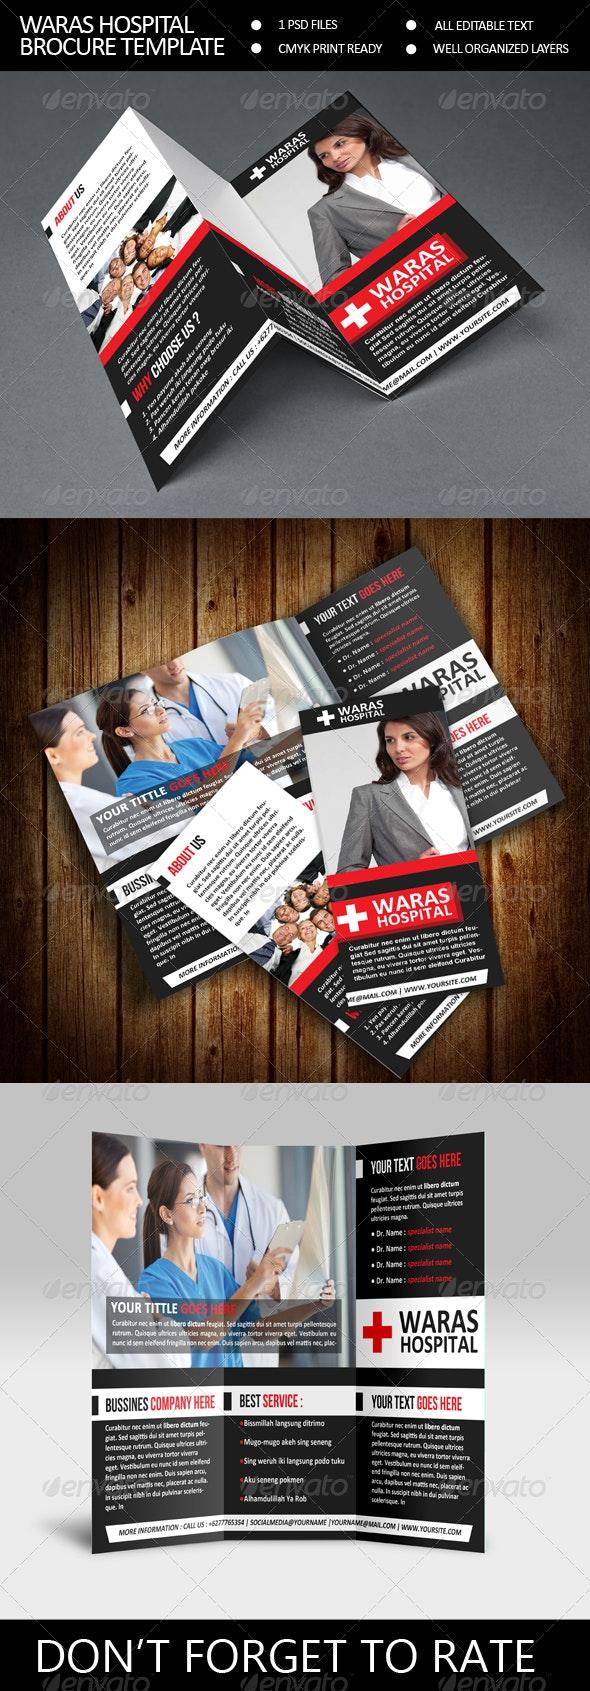 Waras Hospital Trifold Brocure Template - Corporate Brochures